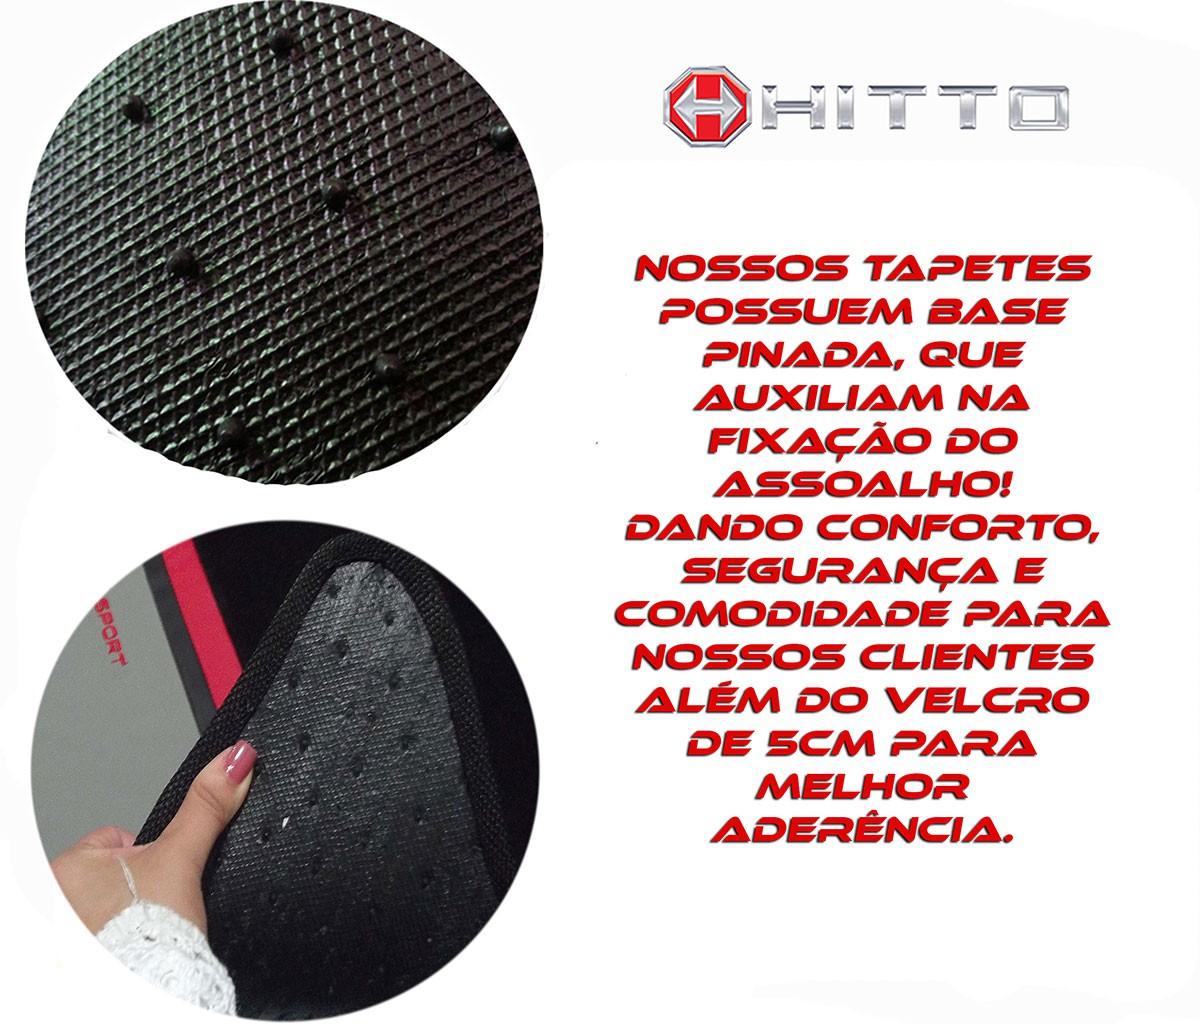 Tapete Bmw 318i Carpete Luxo Base Borracha Pinada - Hitto